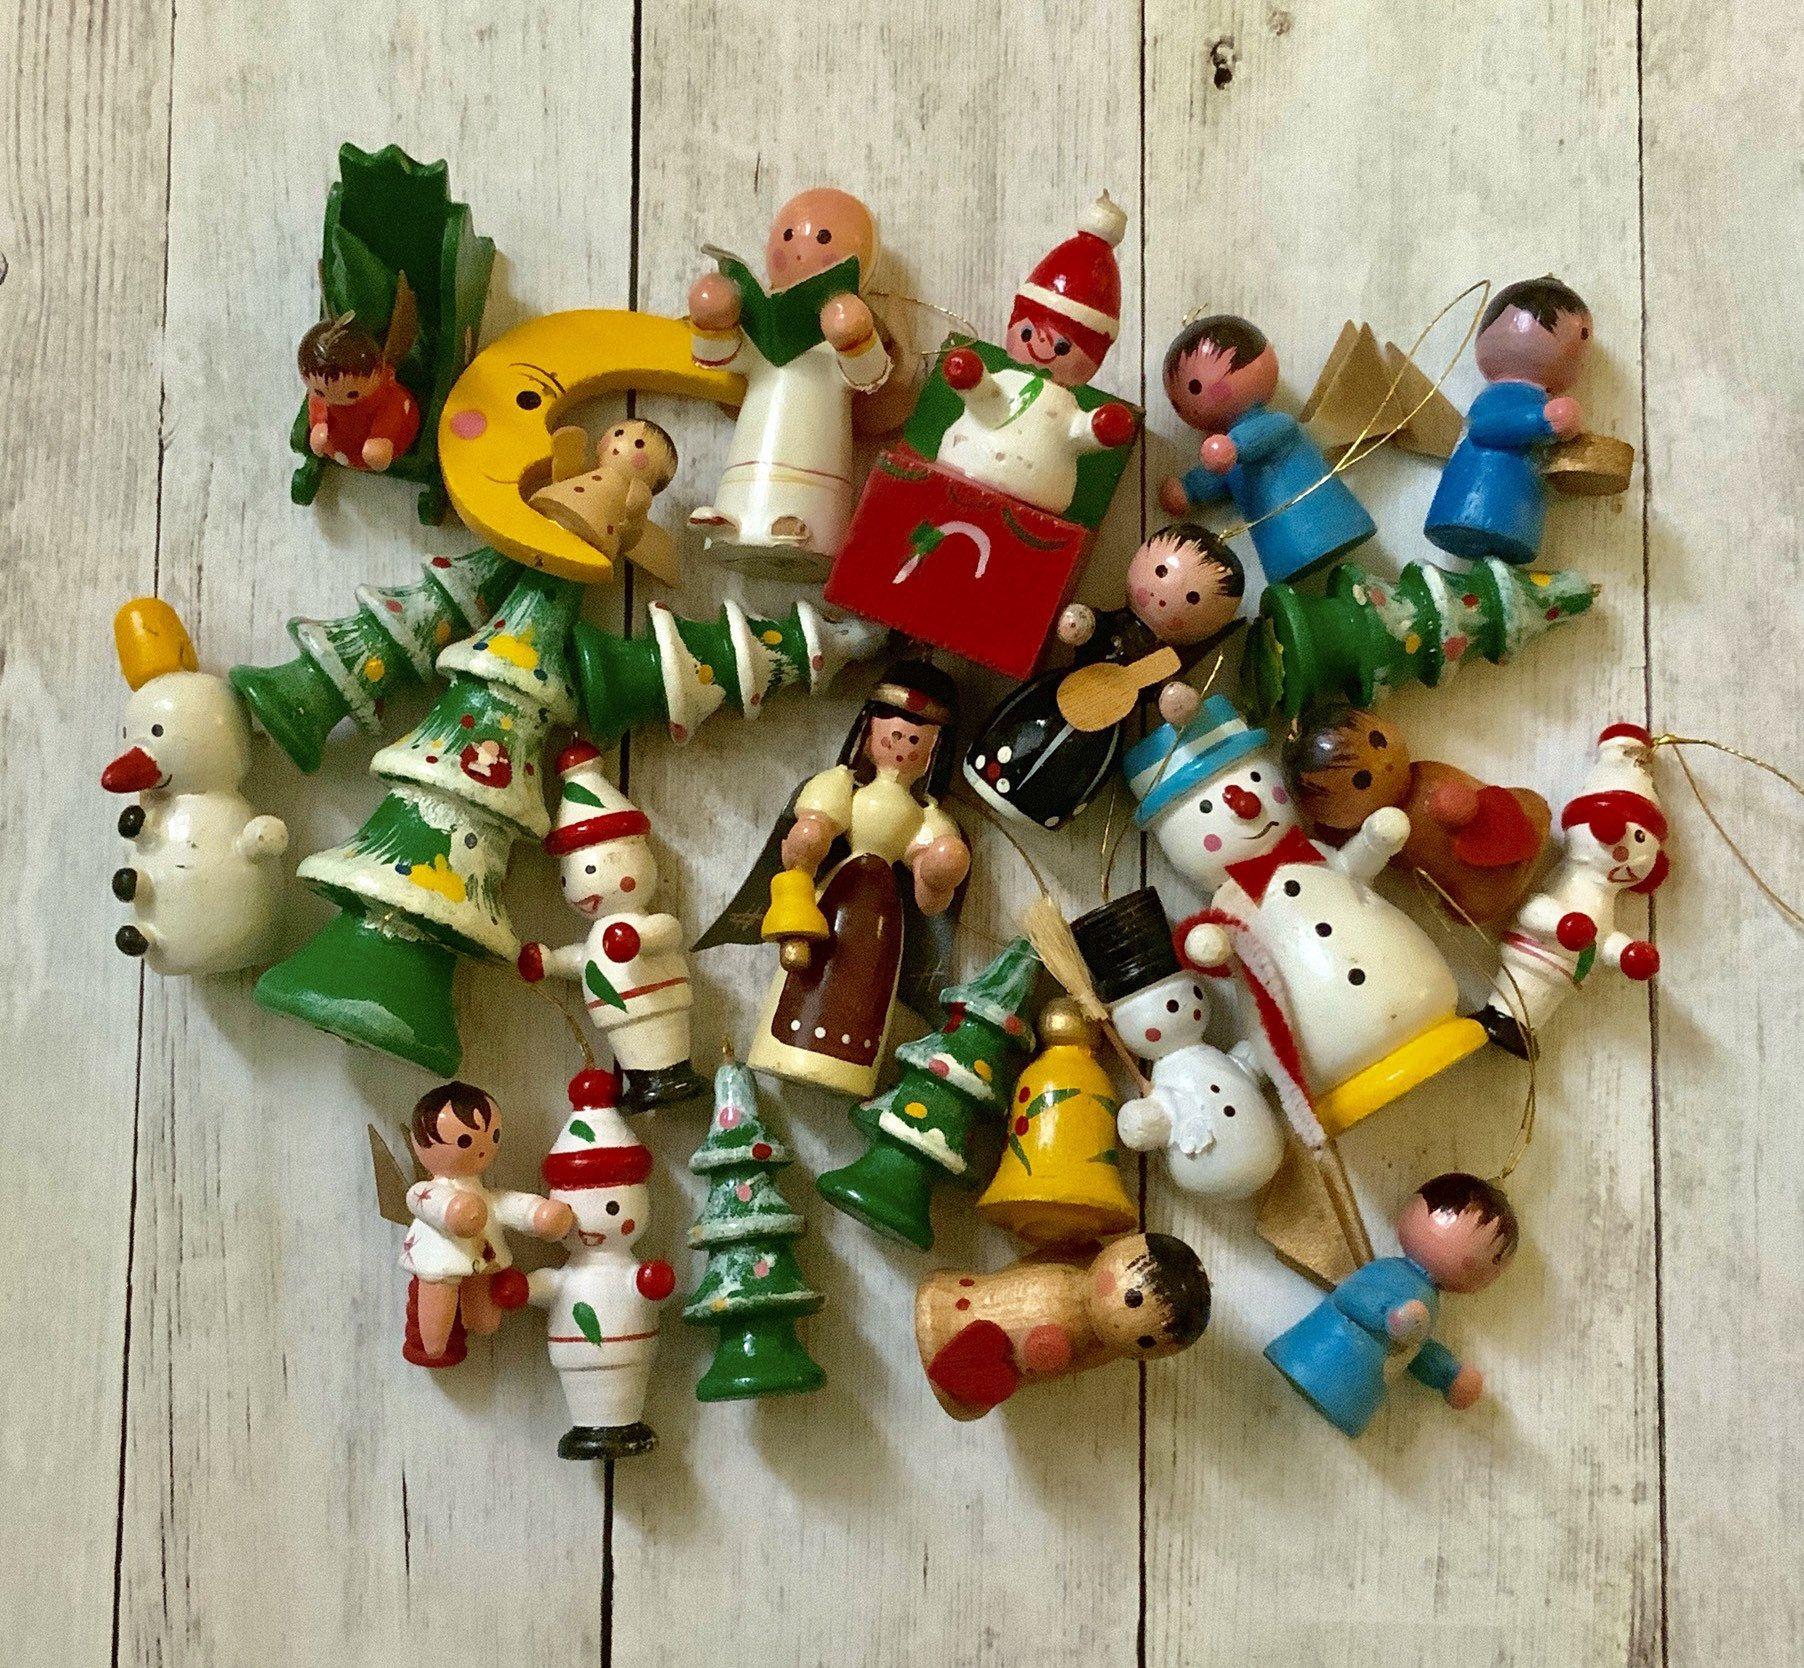 Vintage Wooden Miniature Christmas Tree Ornaments Retro Etsy Wood Christmas Ornaments Retro Christmas Christmas Tree Ornaments